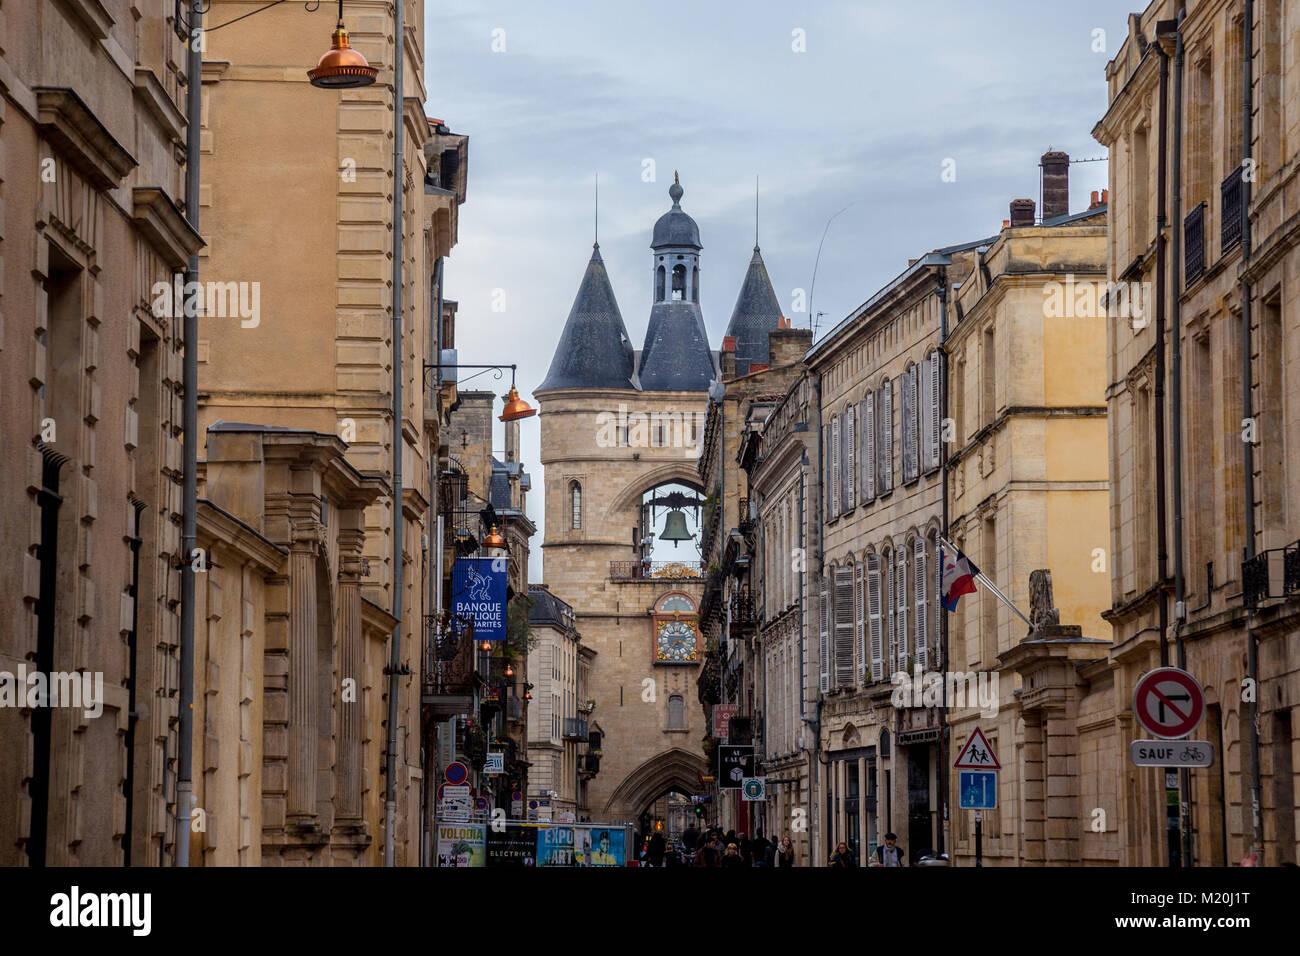 BORDEAUX, FRANCE - DECEMBER 26, 2017: Porte Saint James (Saint James Gate) also known as Grosse Cloche (Big Bell) - Stock Image